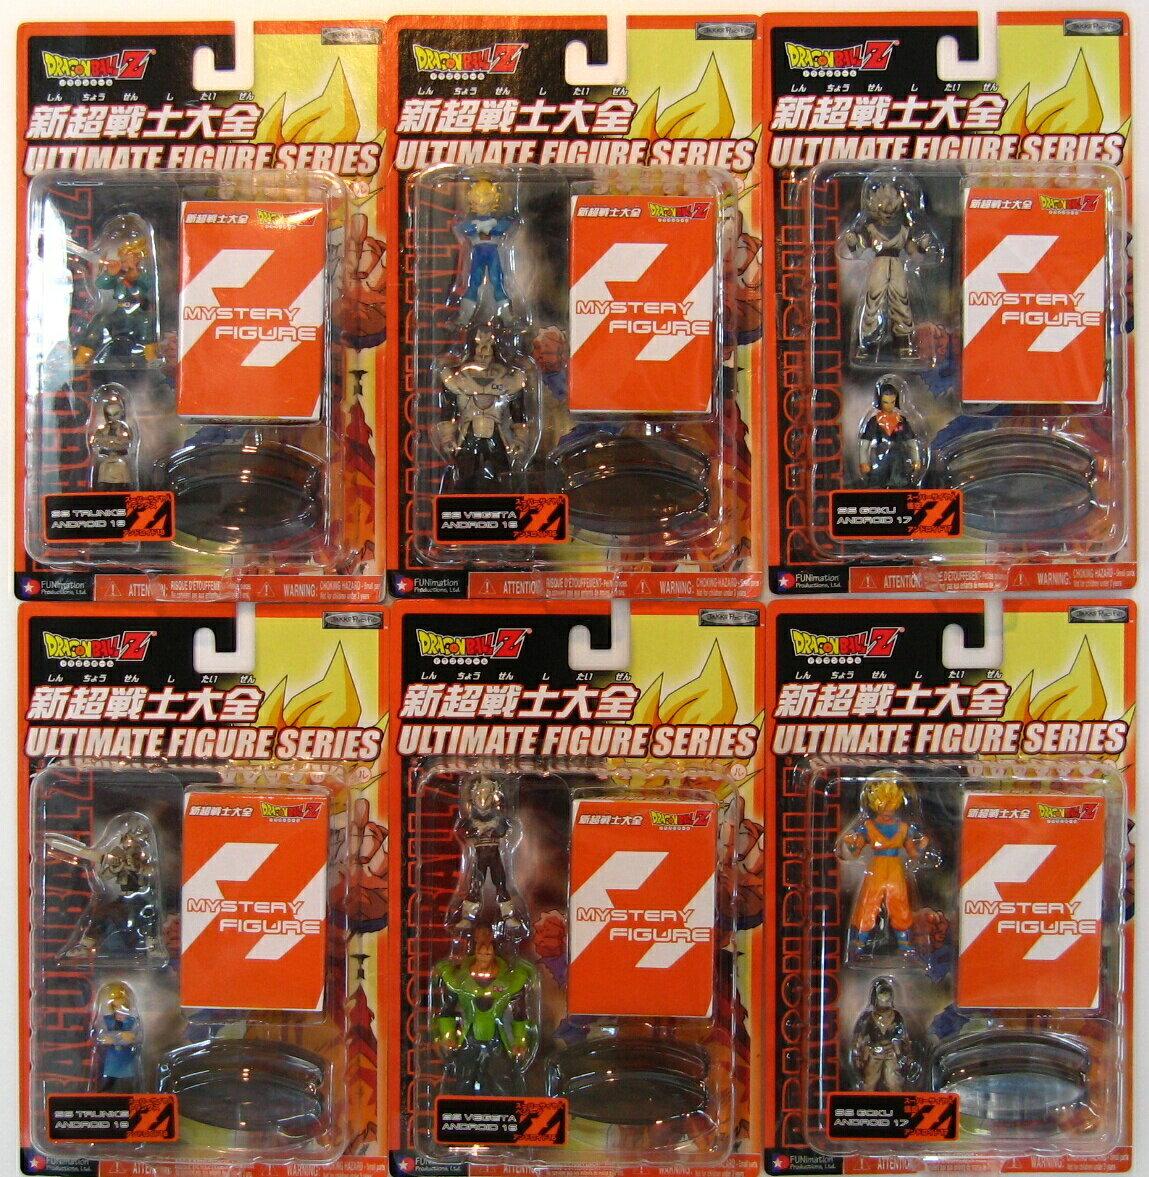 ドラゴンボールZジャックスパシフック社新超戦士大全6ブリスターセット